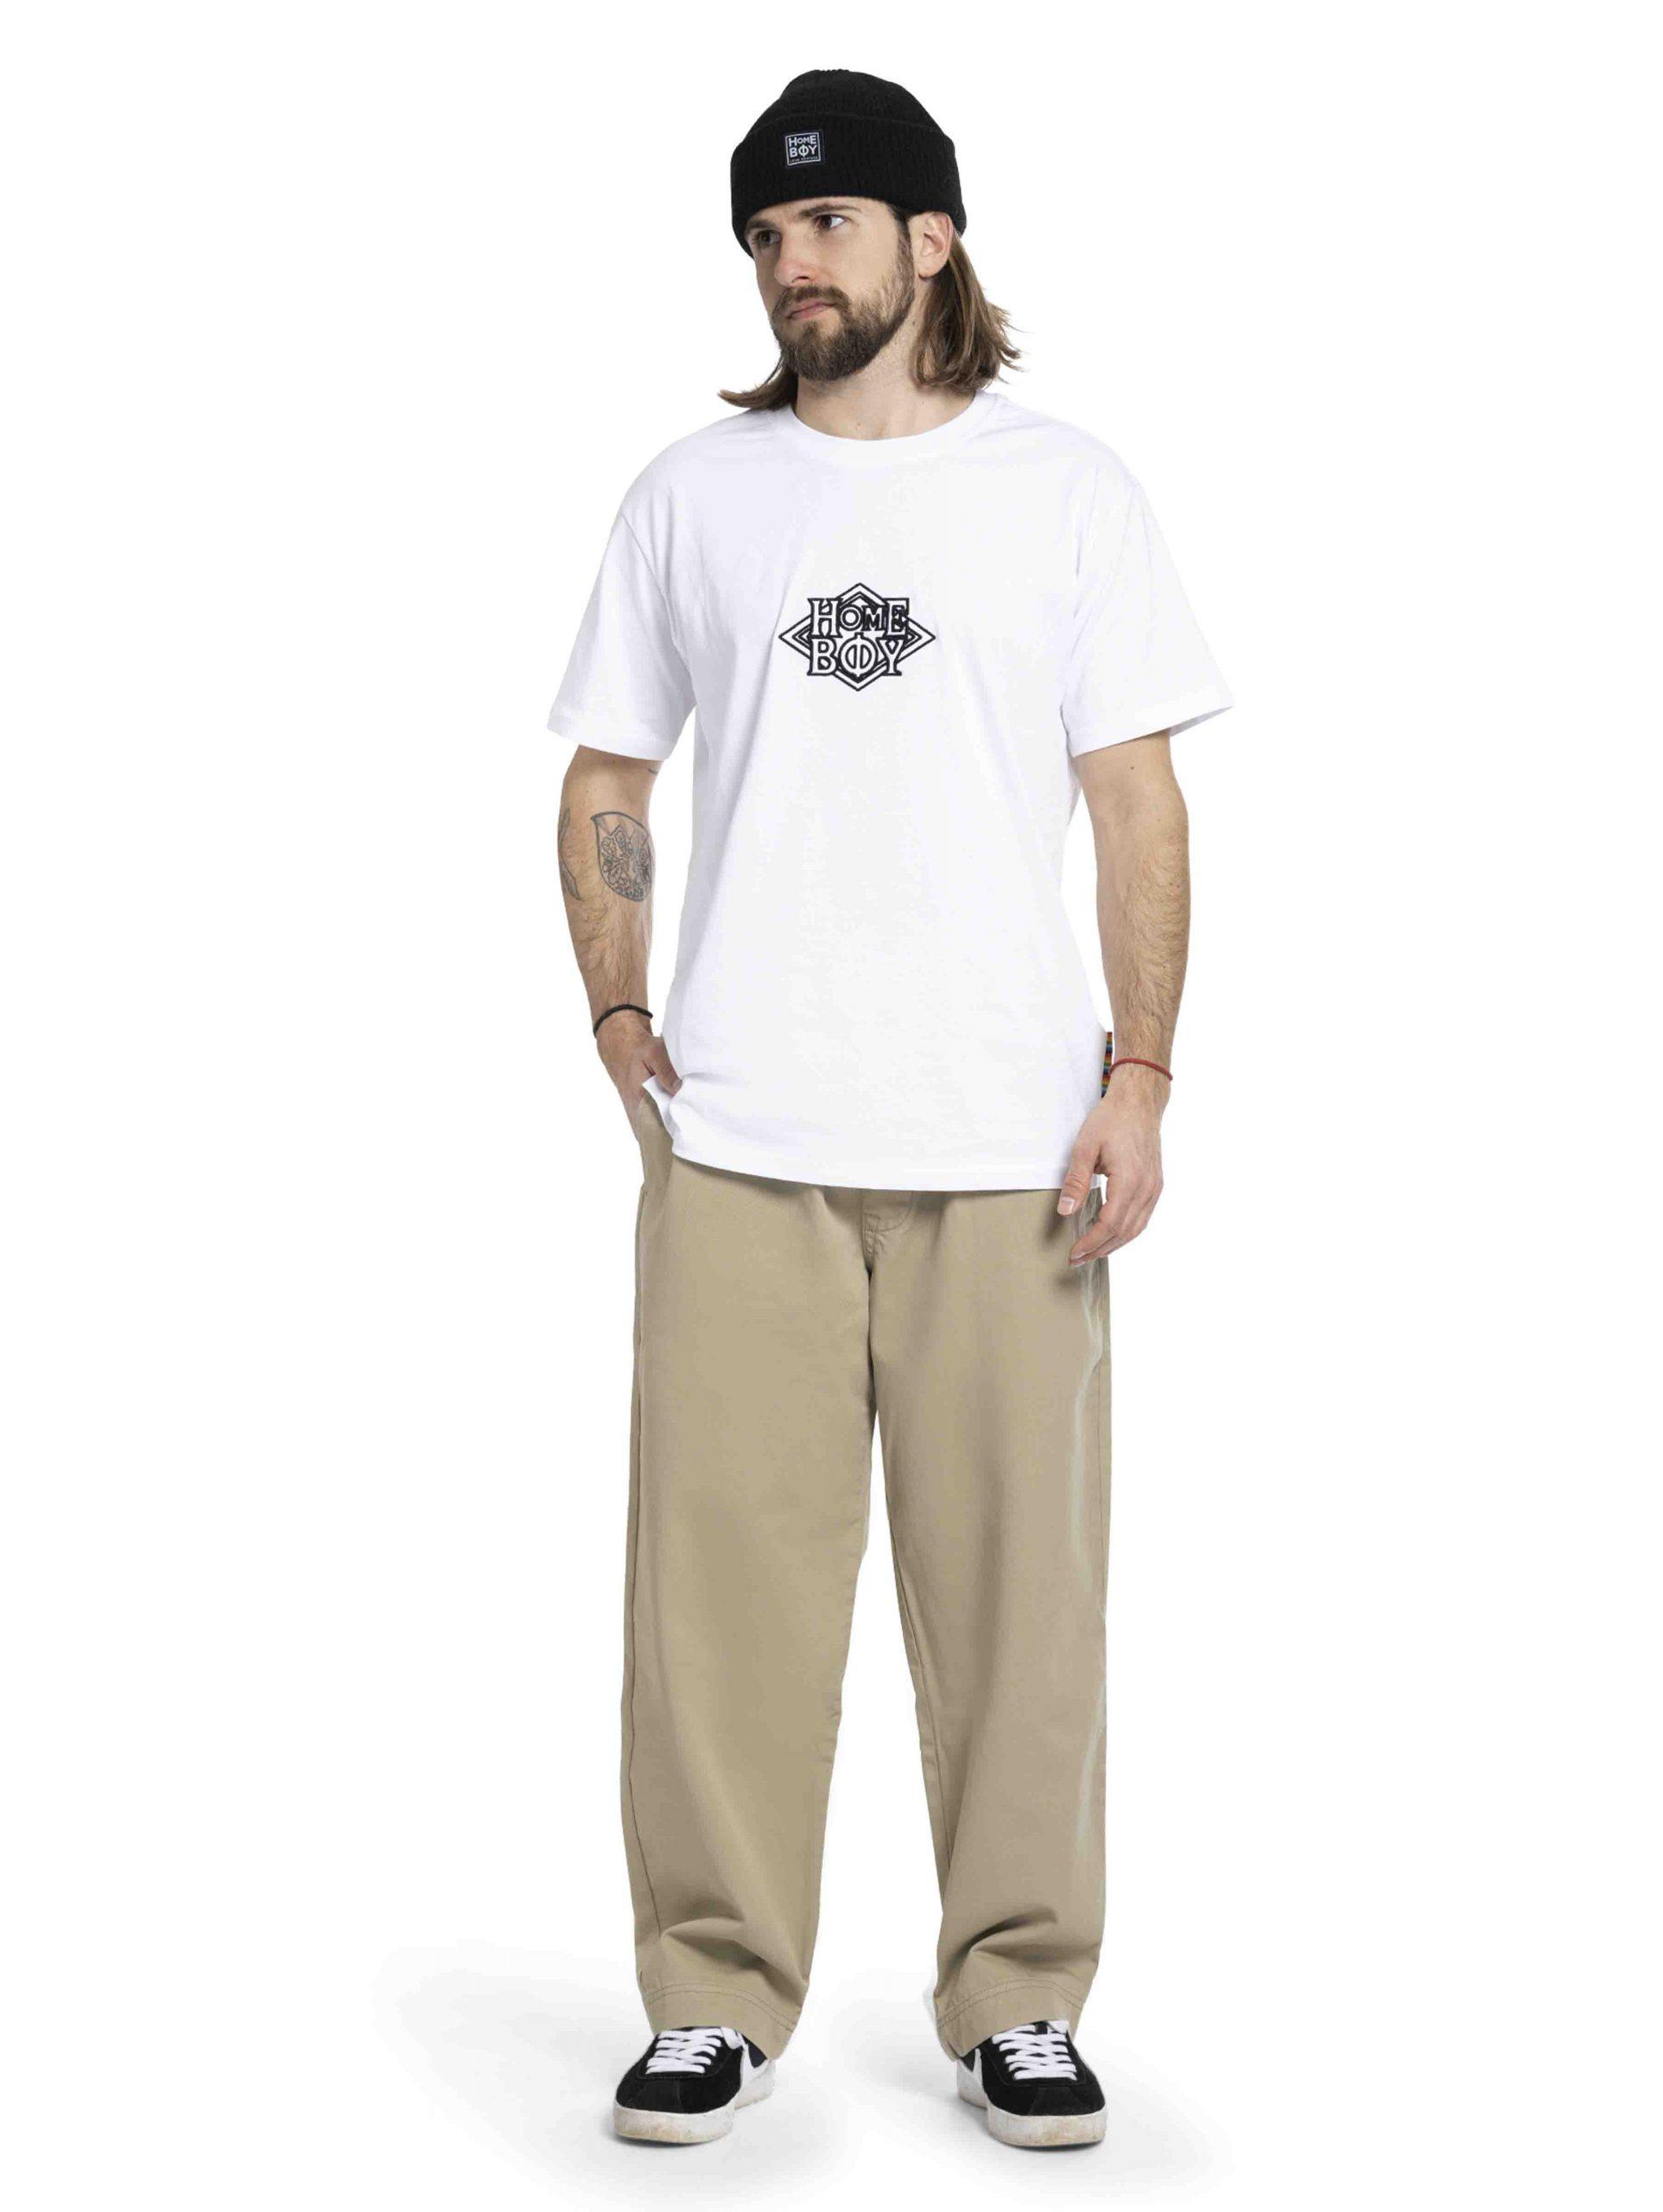 Homeboy S/S 2022 Men's Streetwear